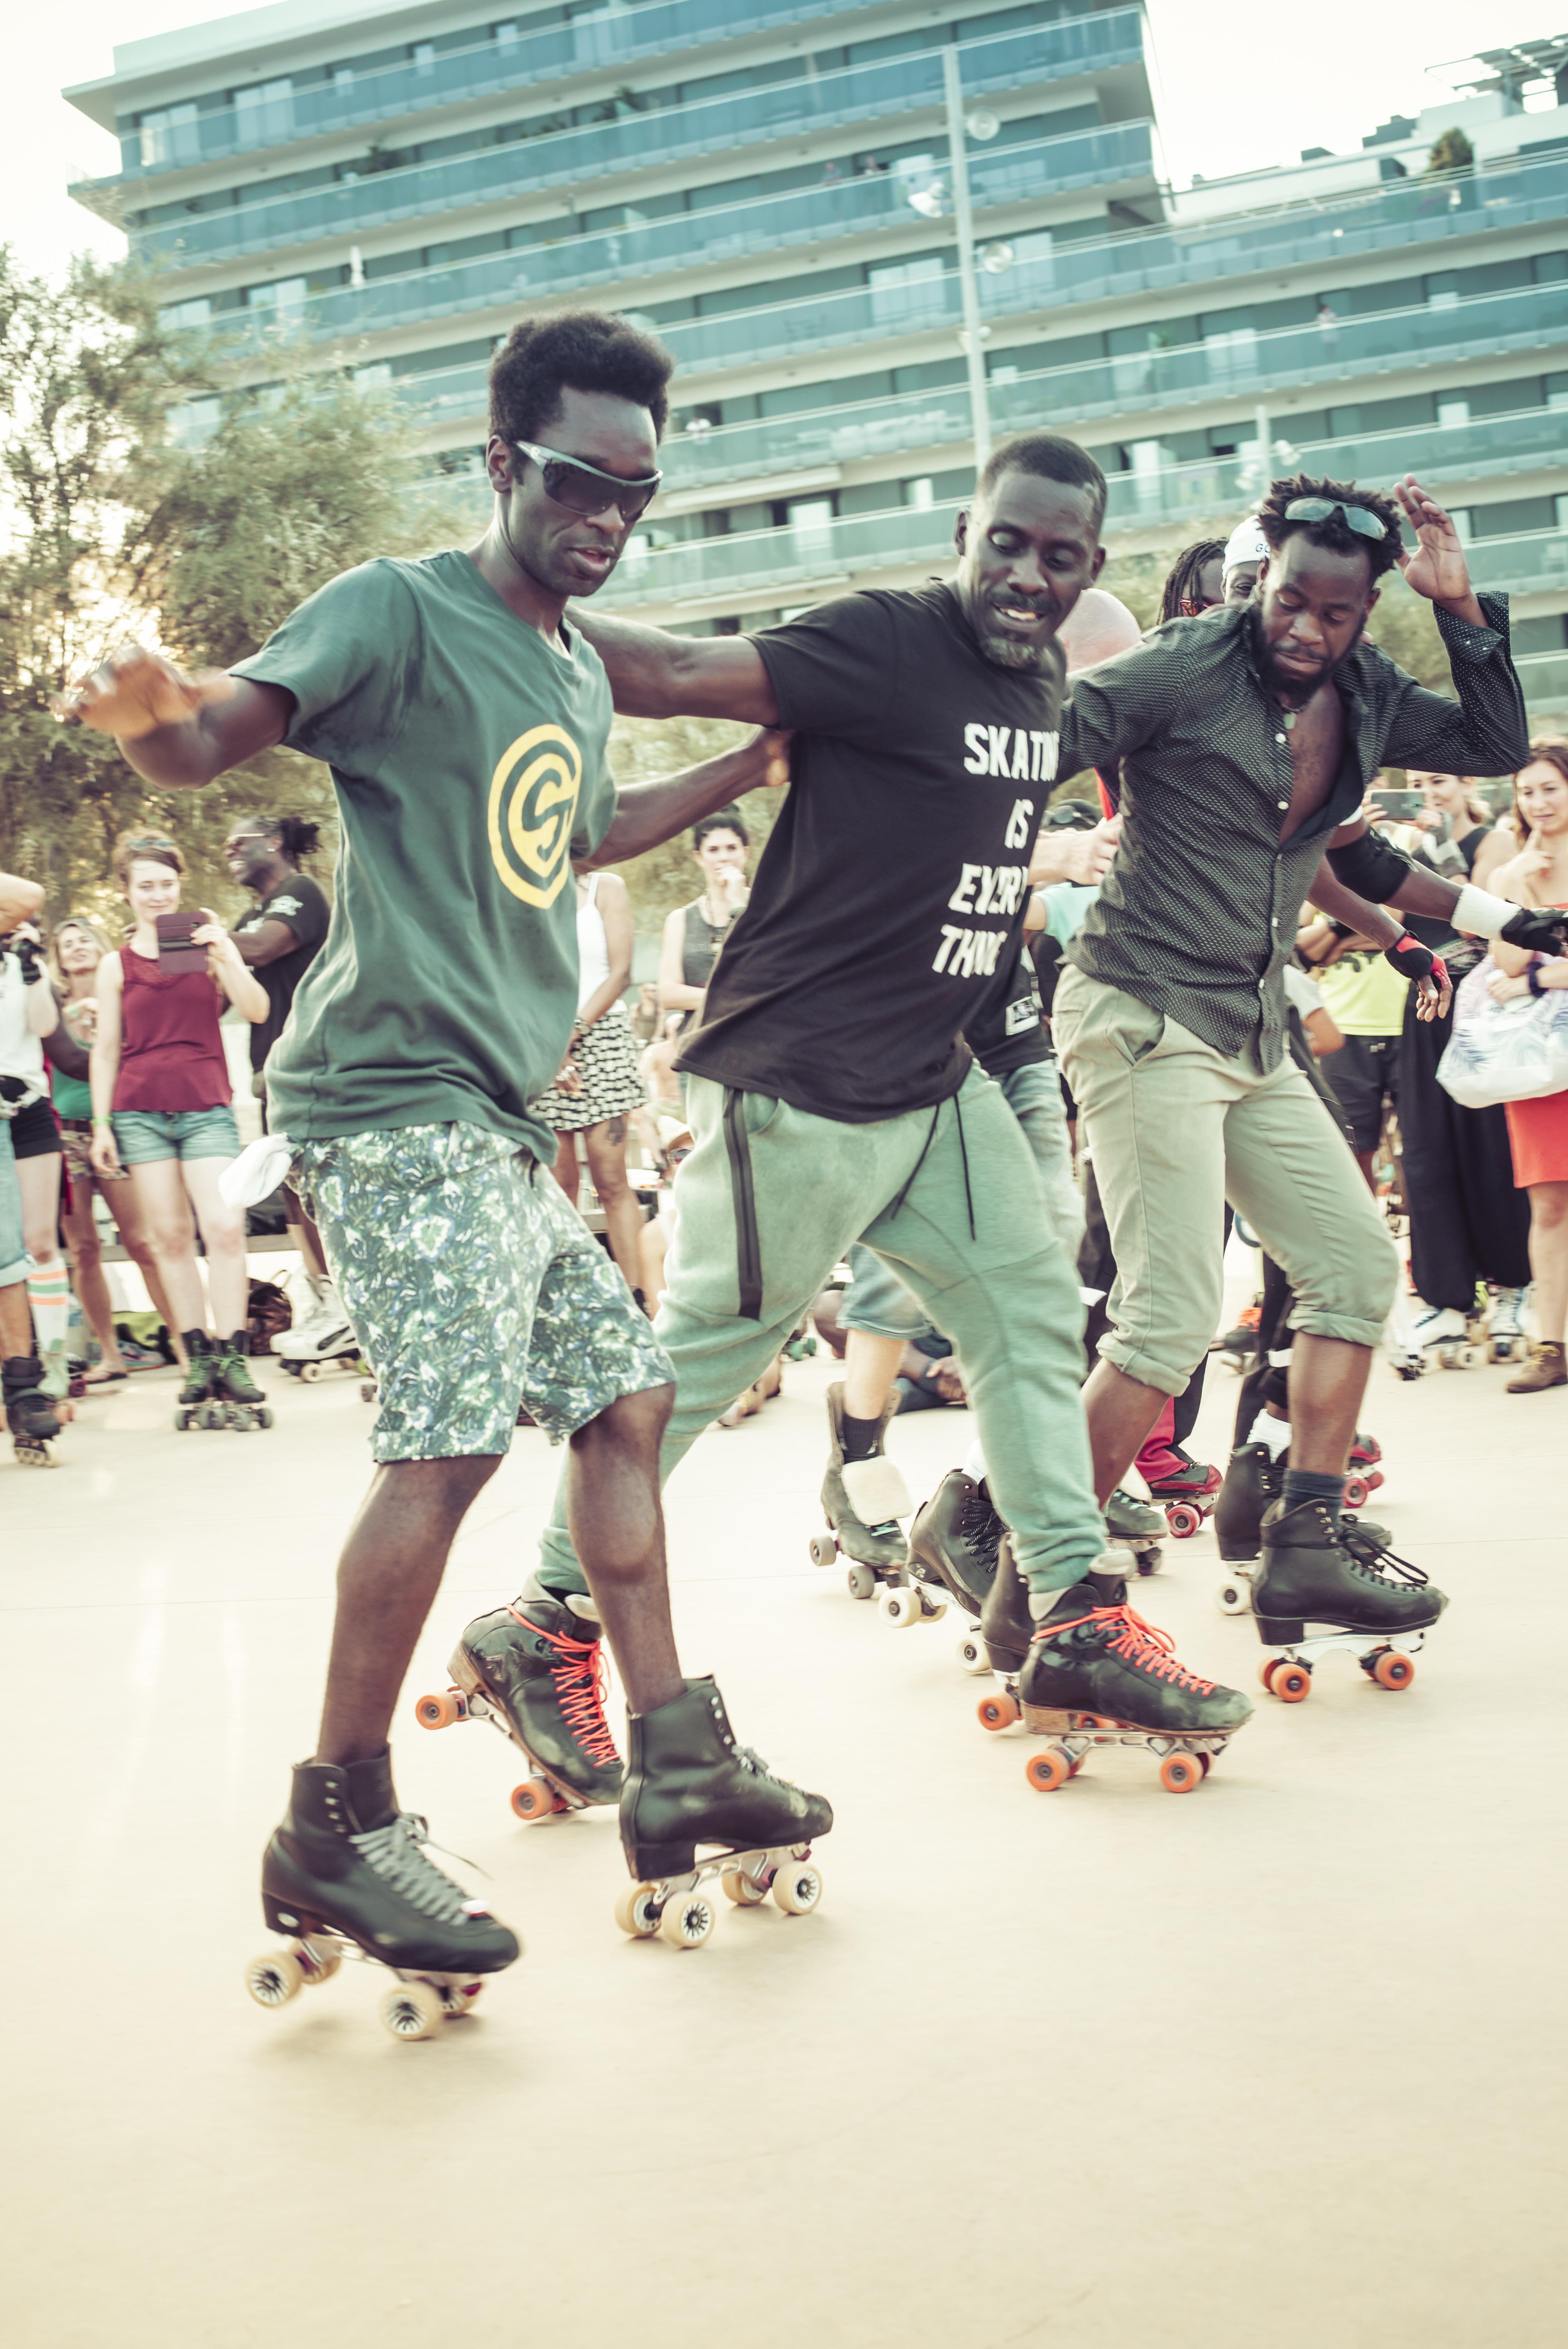 Skatelove Festival